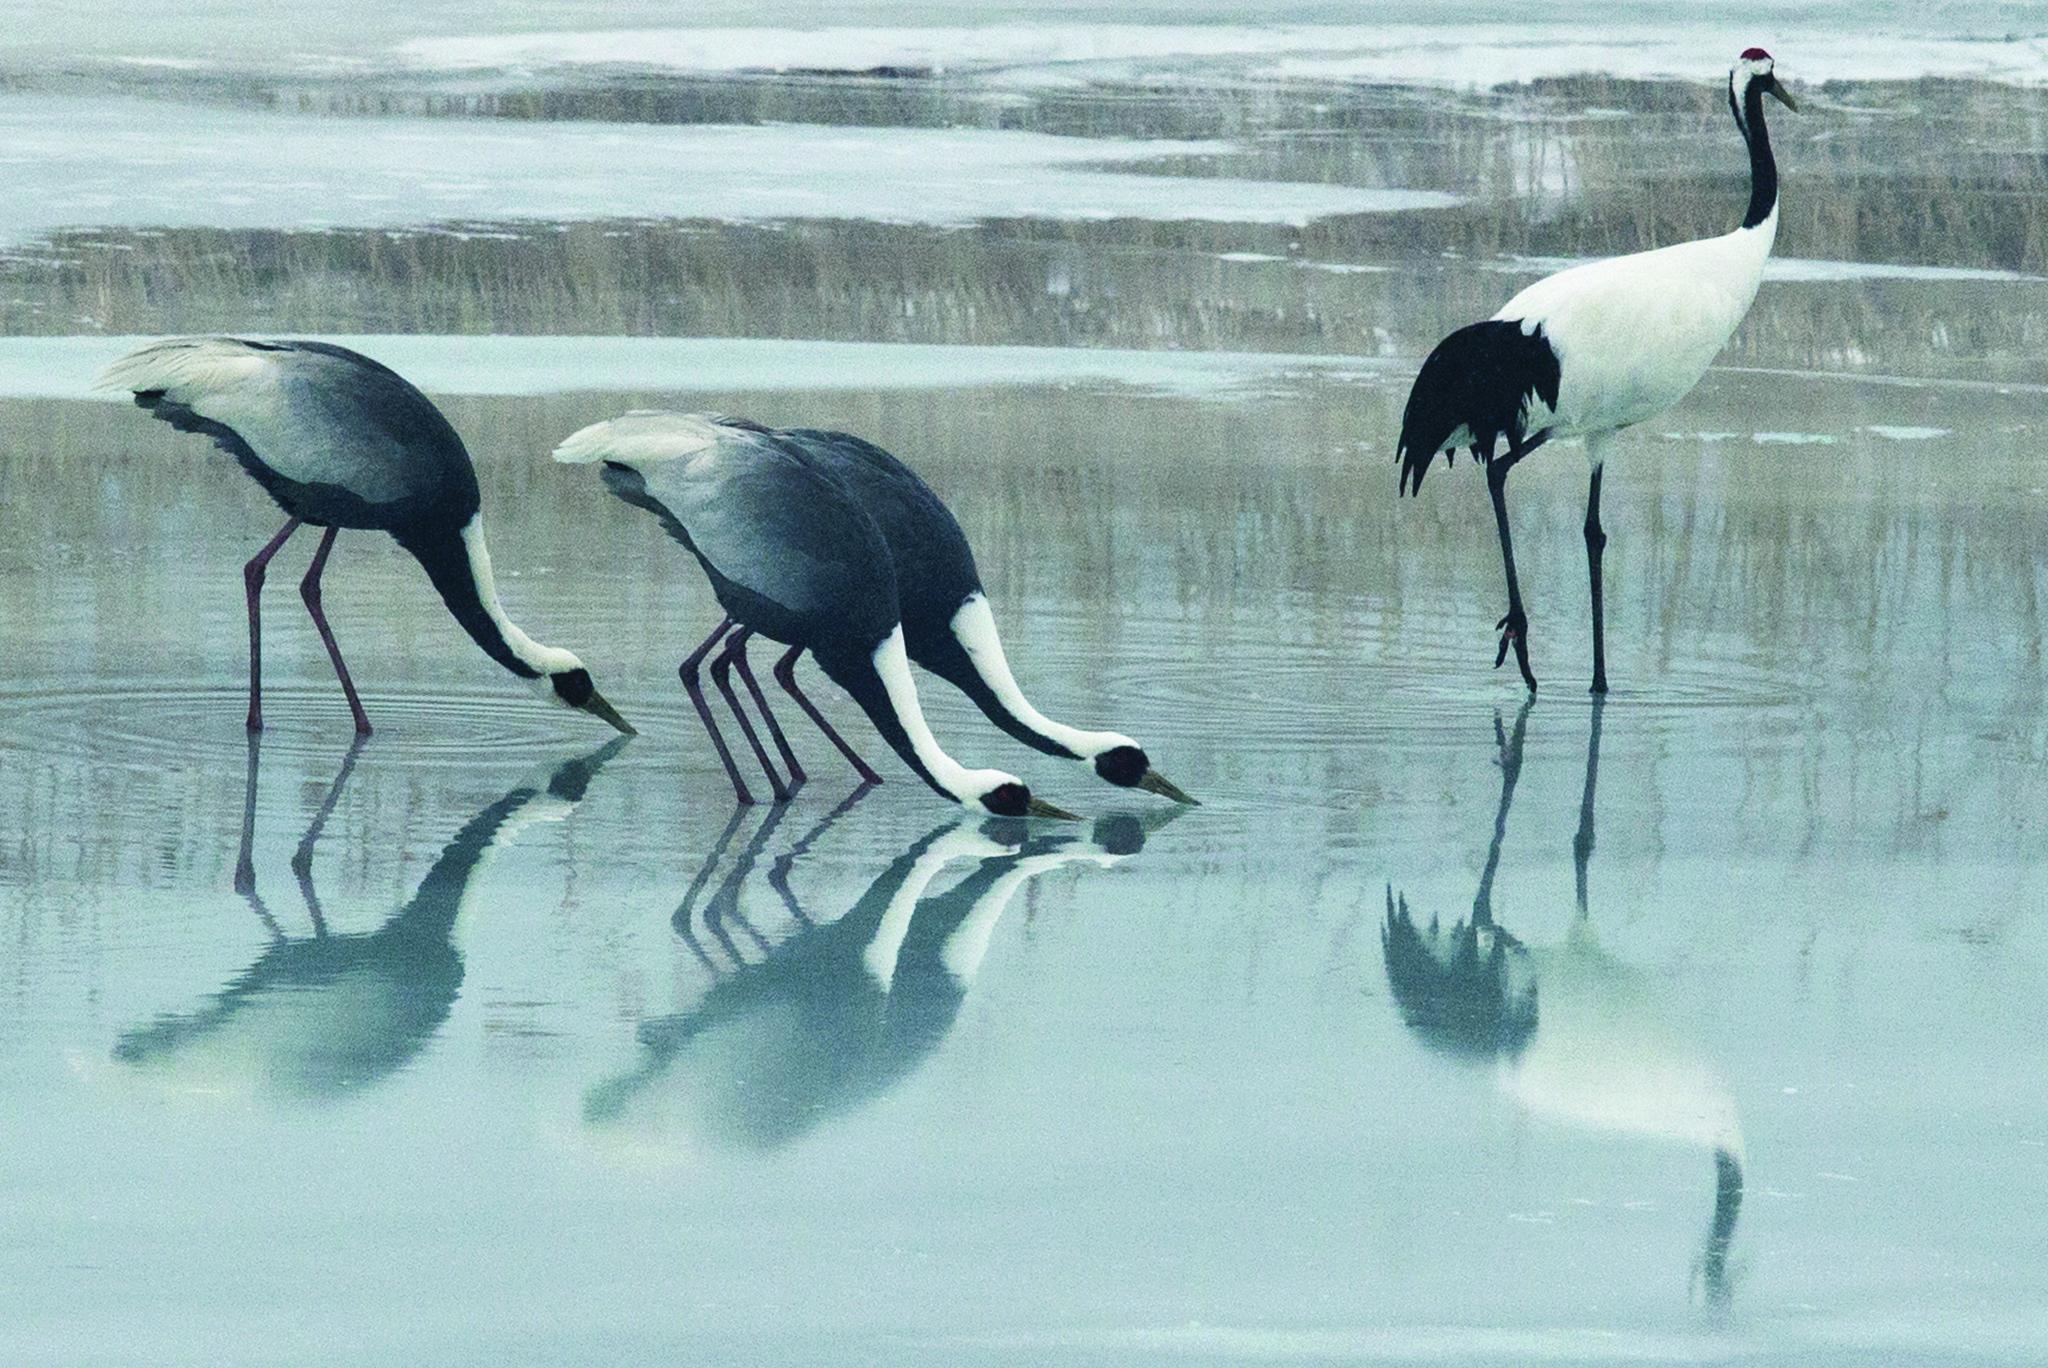 철원을 찾은 재두루미와 두루미가 얼음판 위에 고인 물을 먹고 있다. [중앙포토]